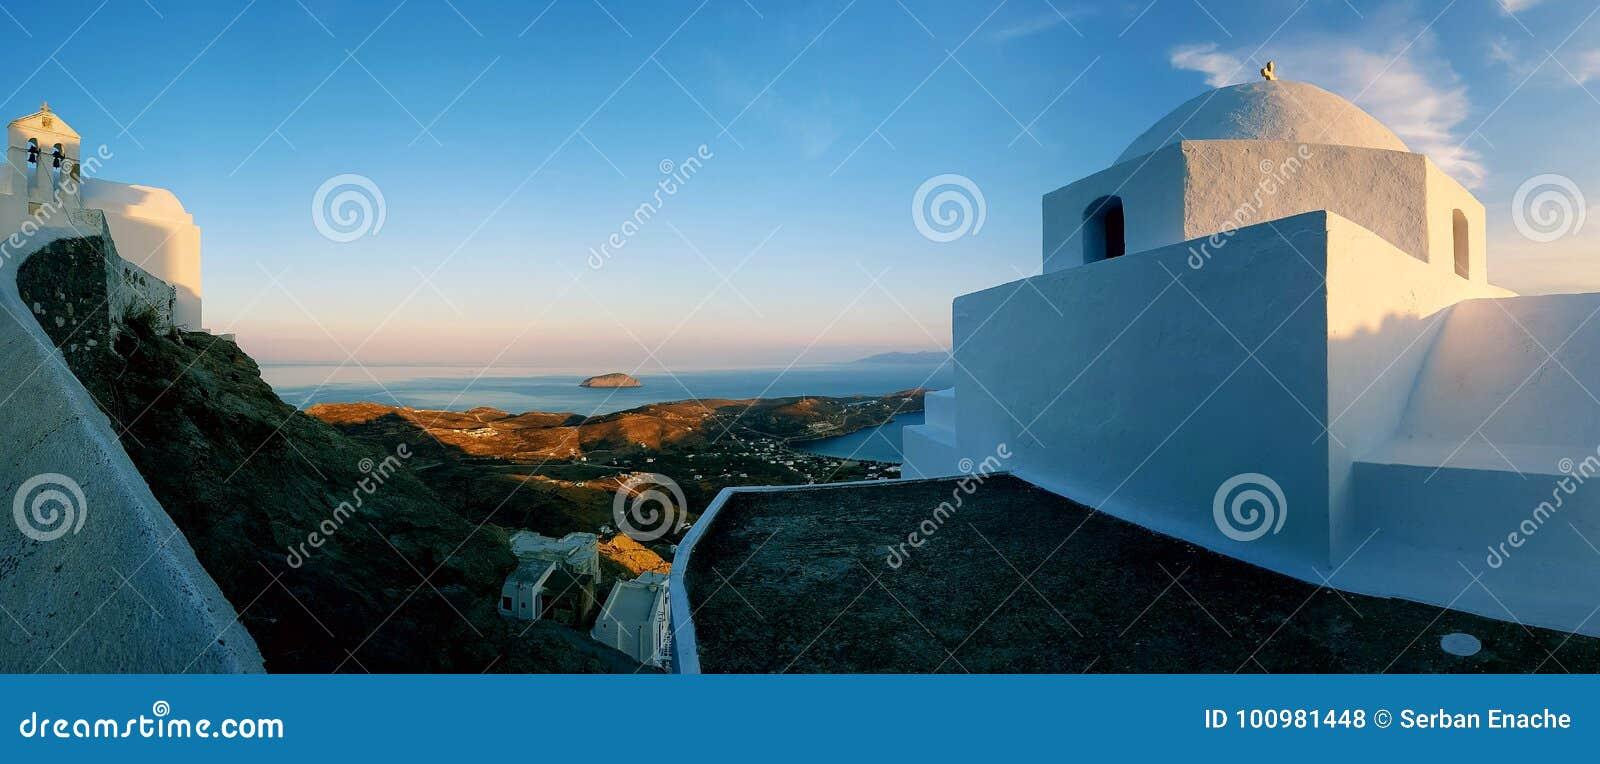 Архитектура Кикладов на острове Serifos